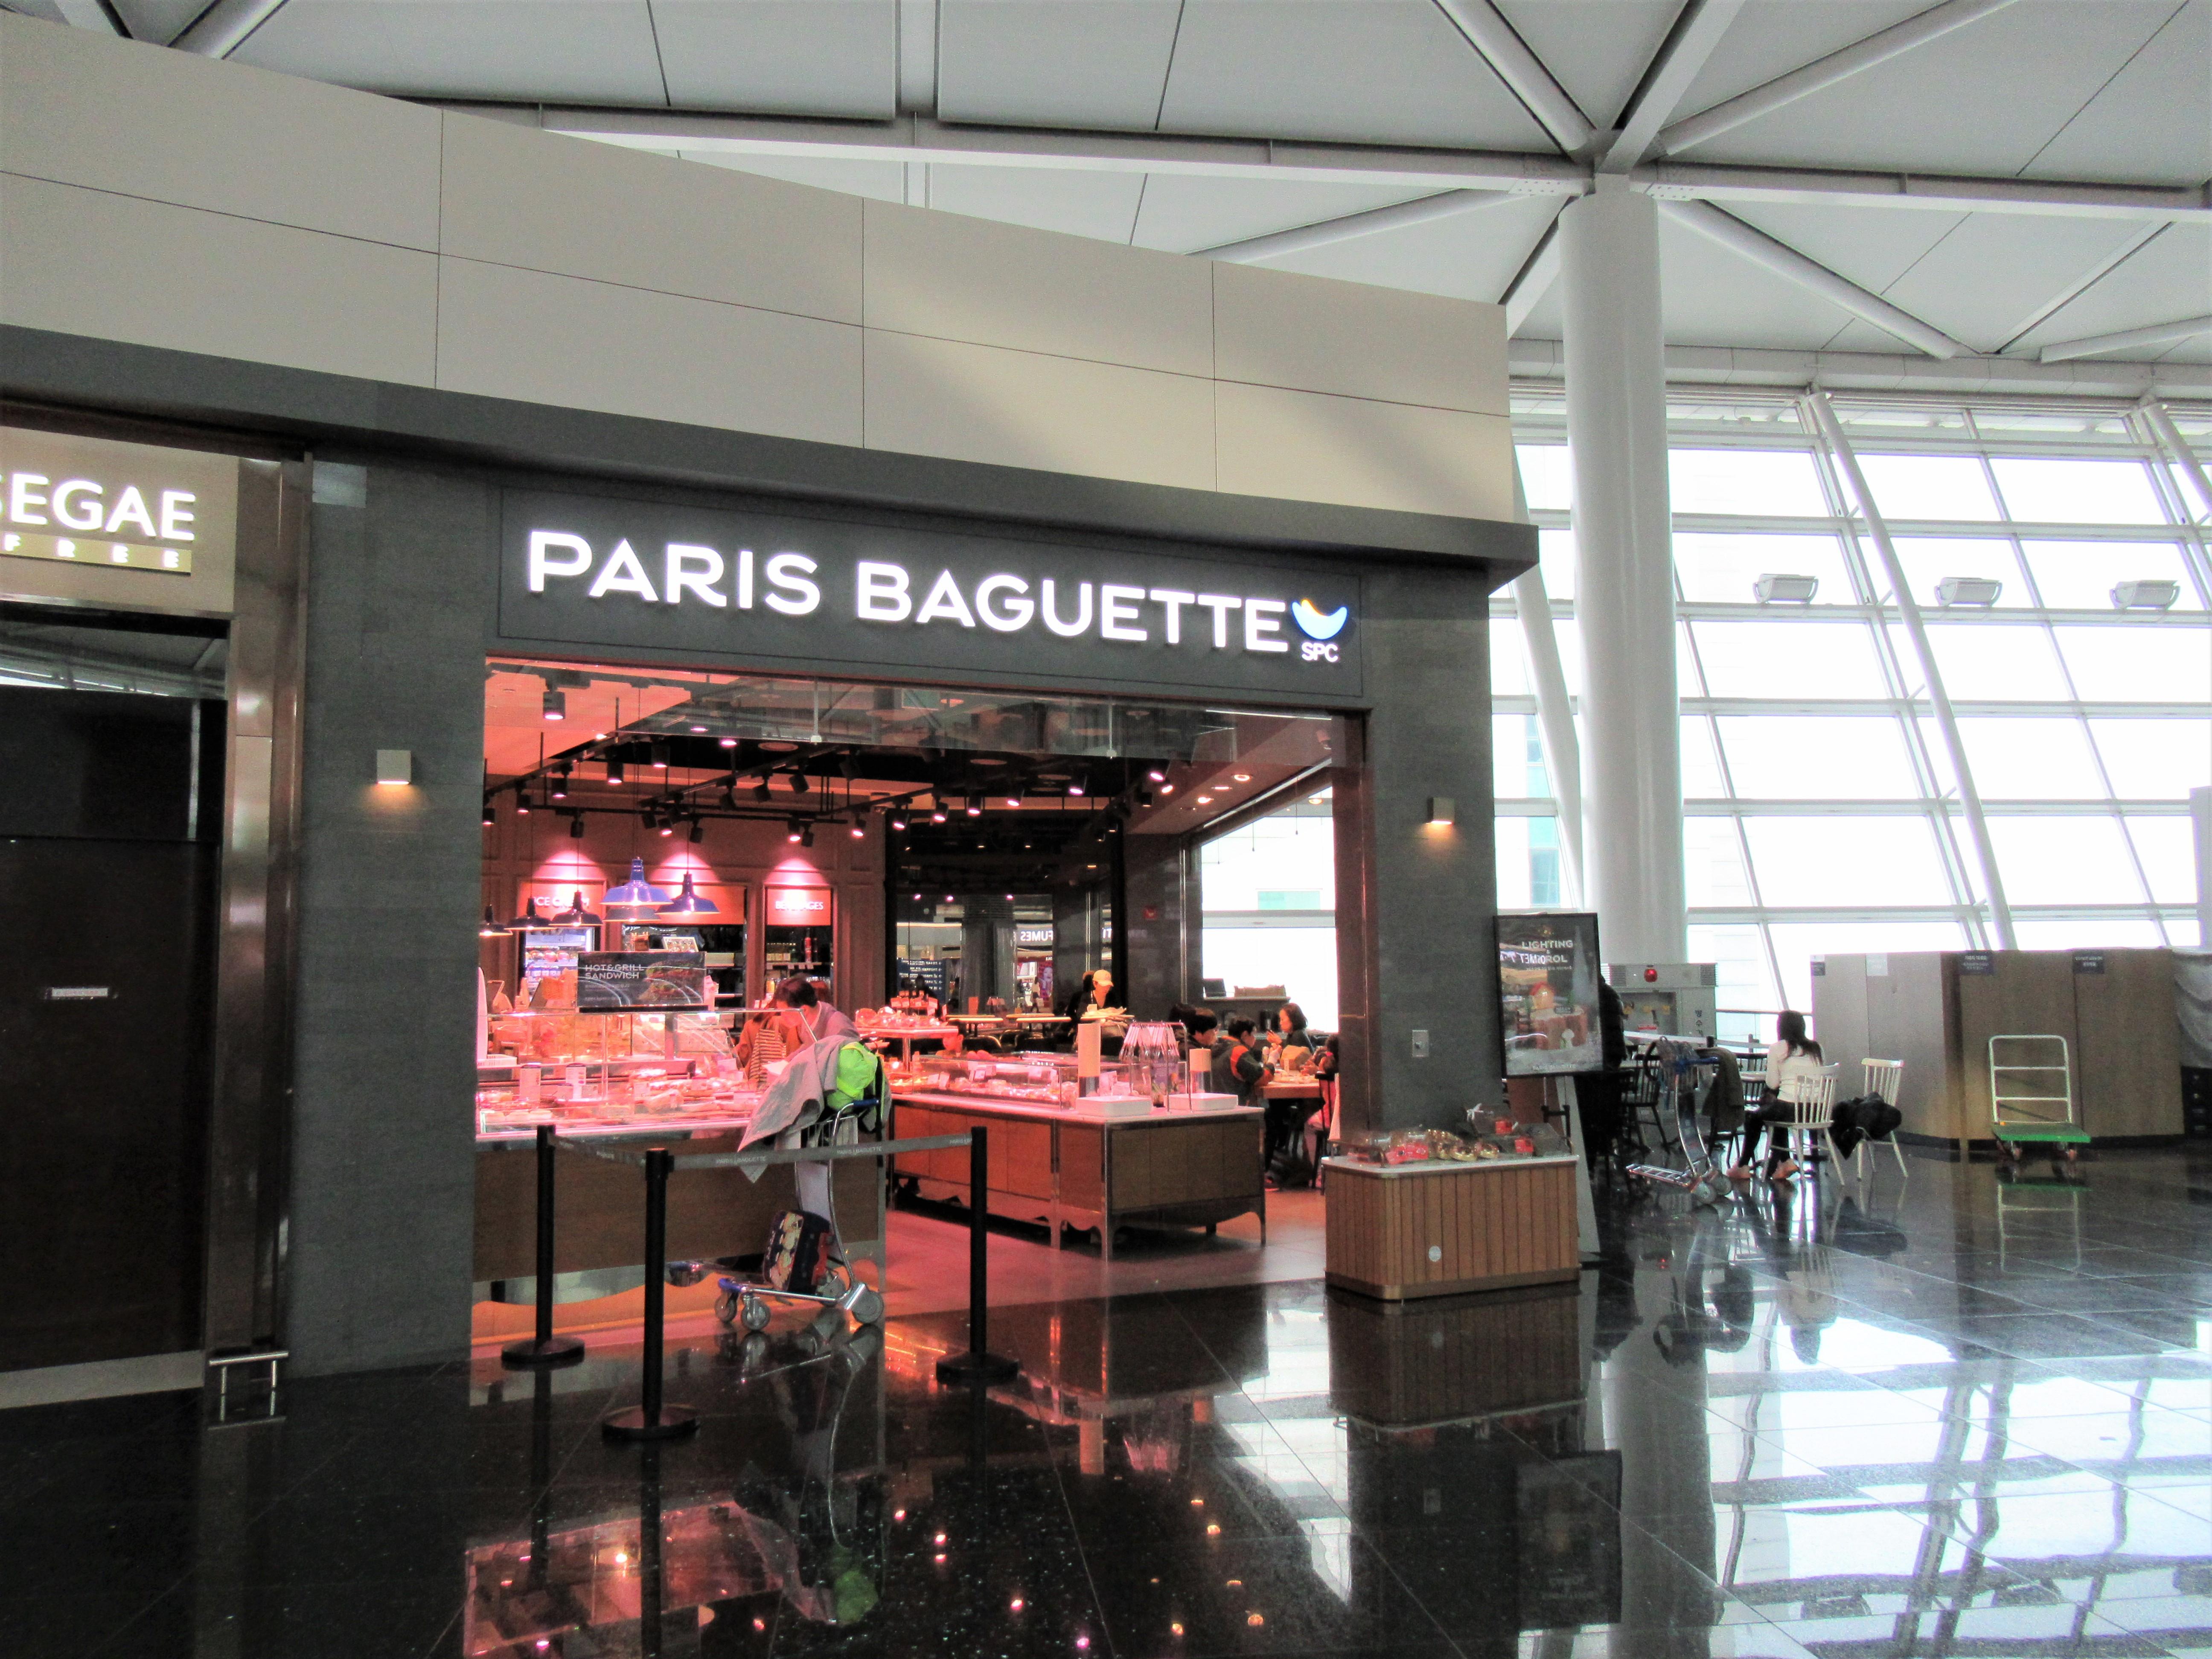 仁川空港のコンコース『パリバケット』は美味しいコーヒーでオススメ|韓国ブログ旅